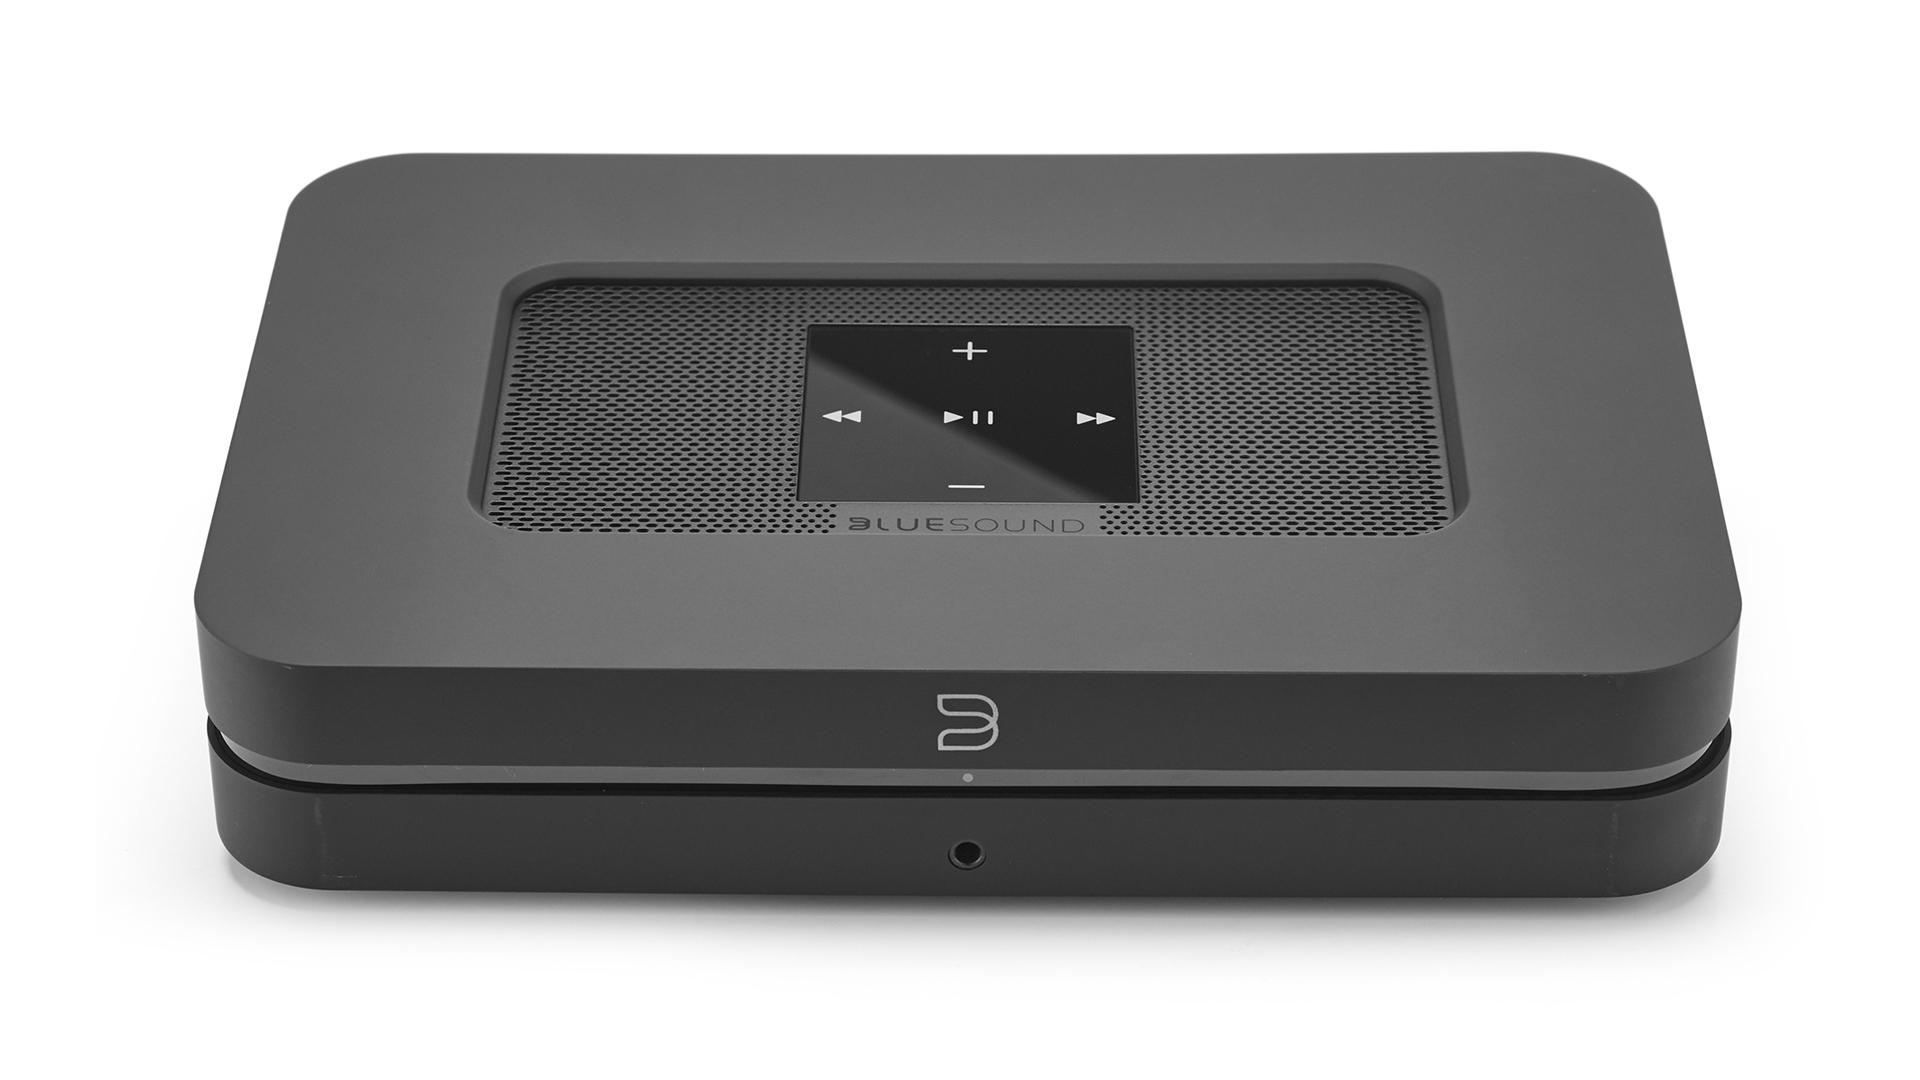 White Hi-Res Wireless Music Streamer/ Bluesound NODE 2